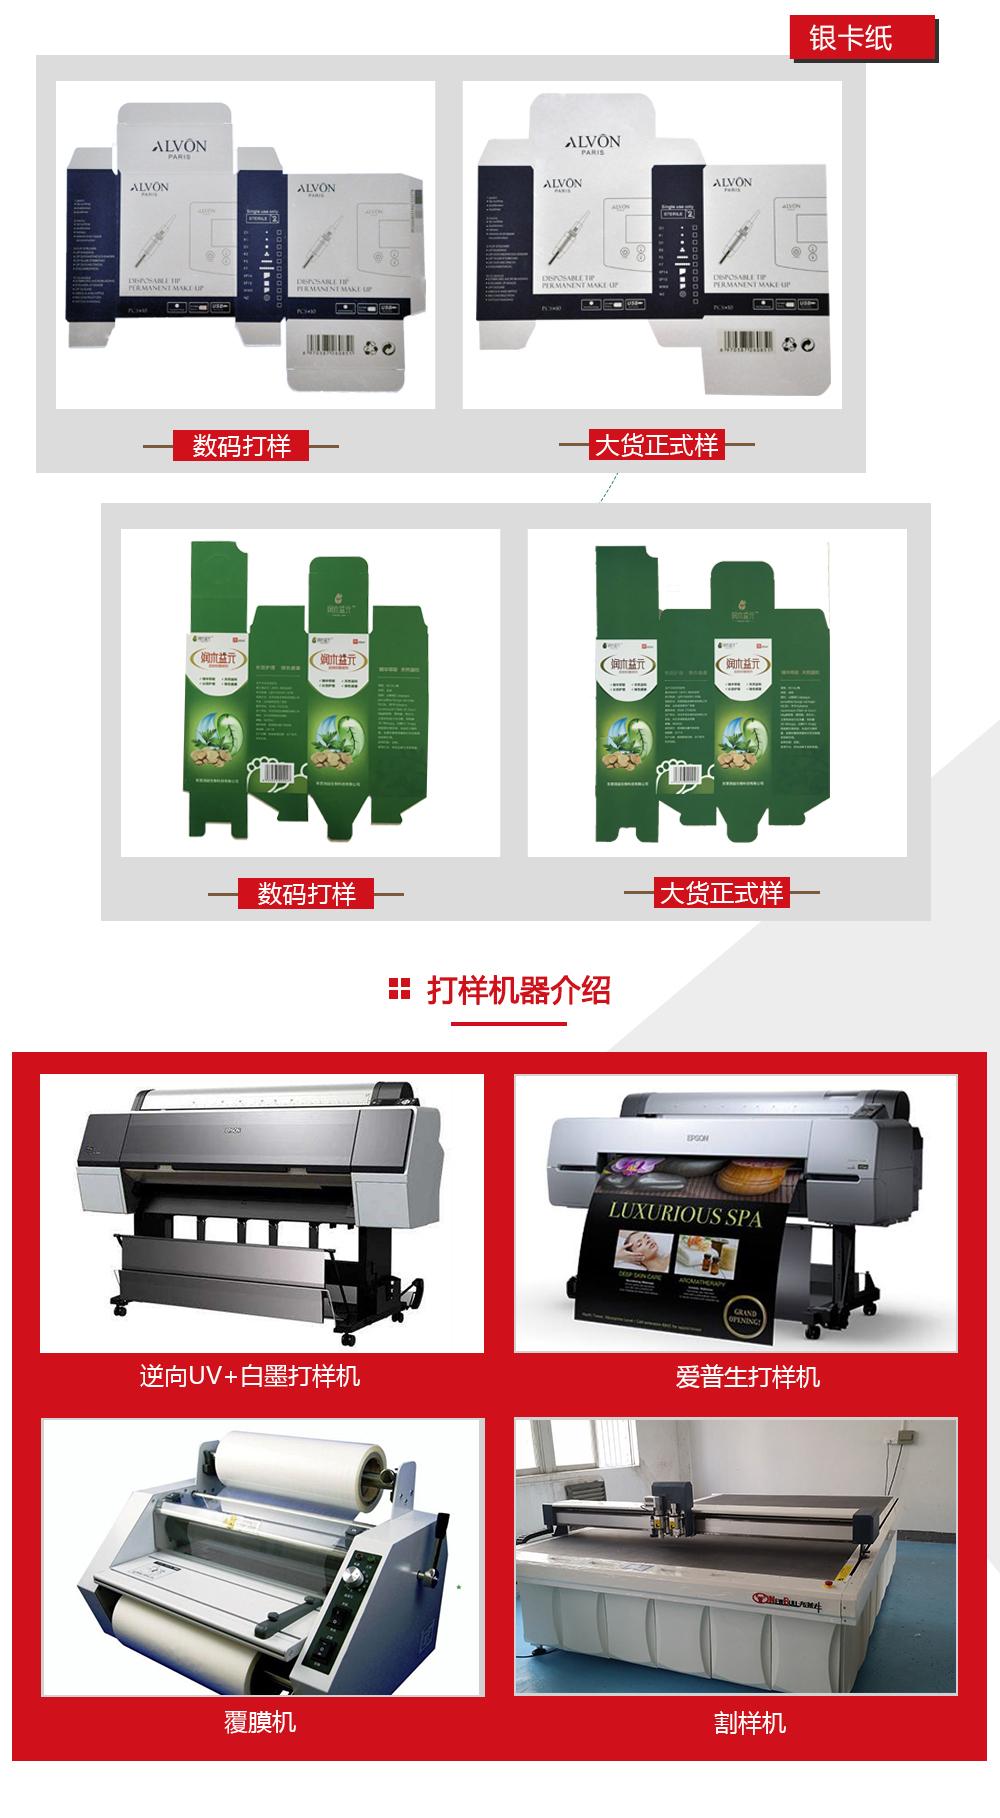 3银卡机器介绍3-2.jpg